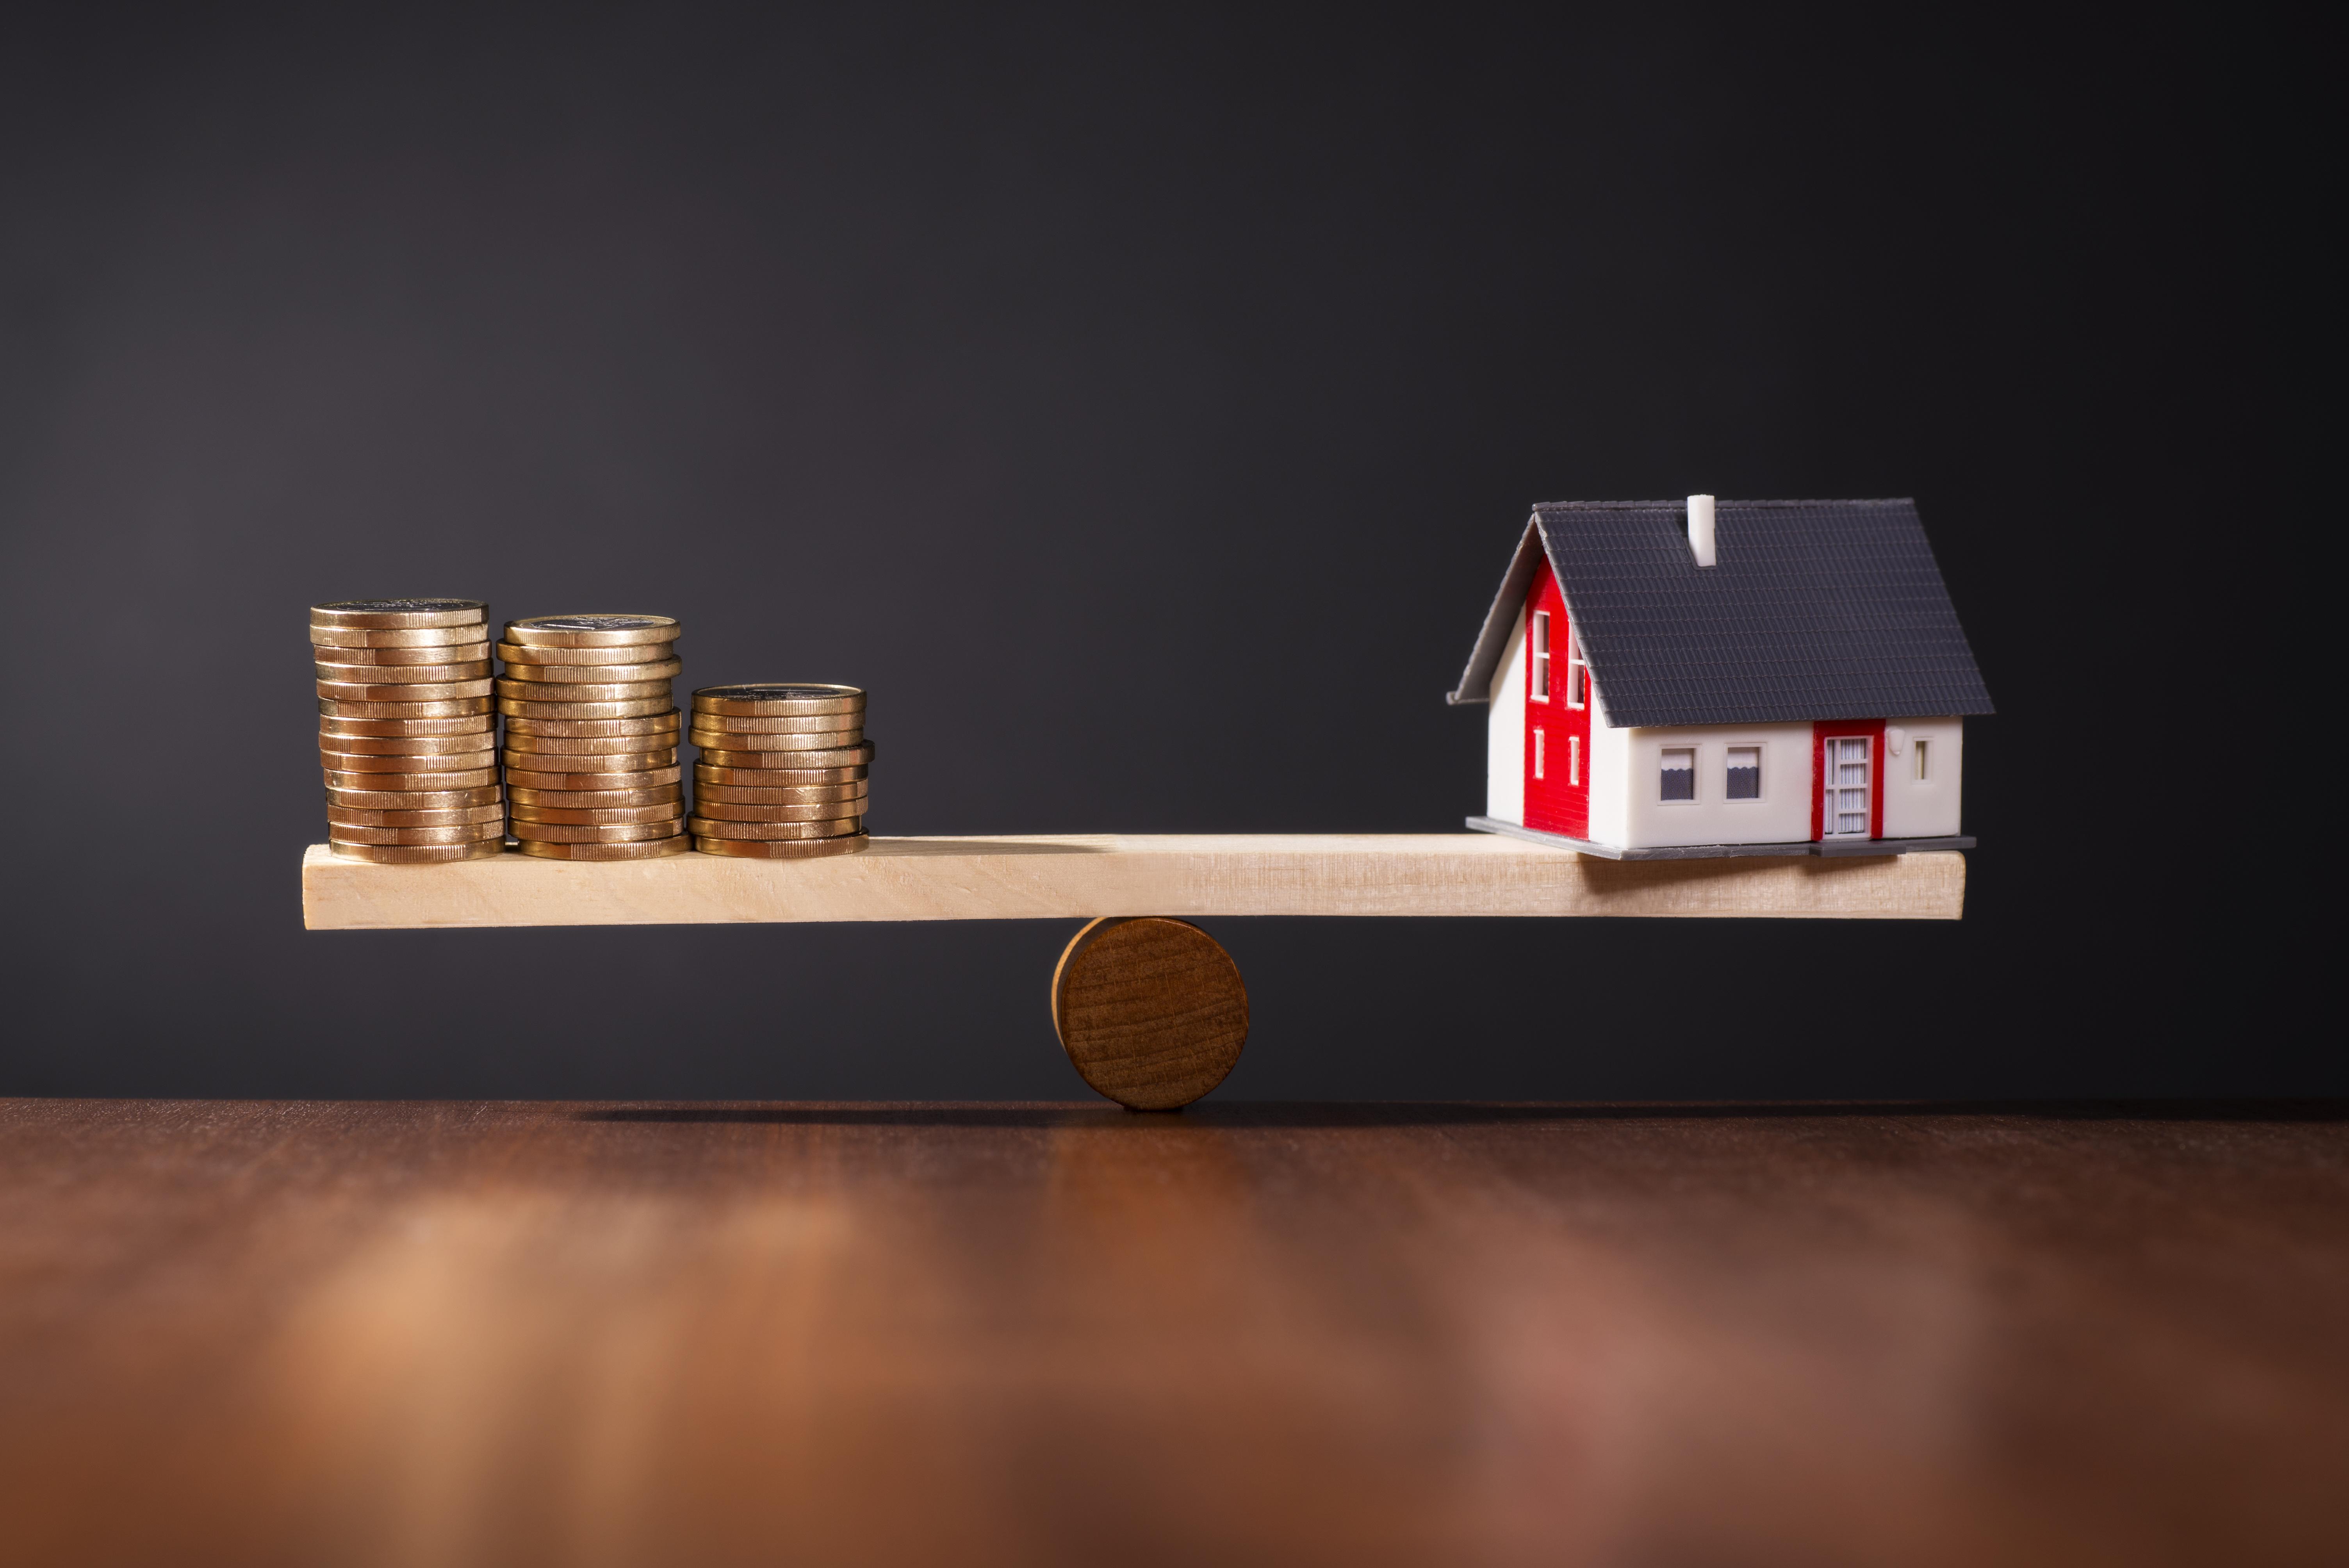 Les frais de notaire l achat d un bien immobilier - Frais achat immobilier ...